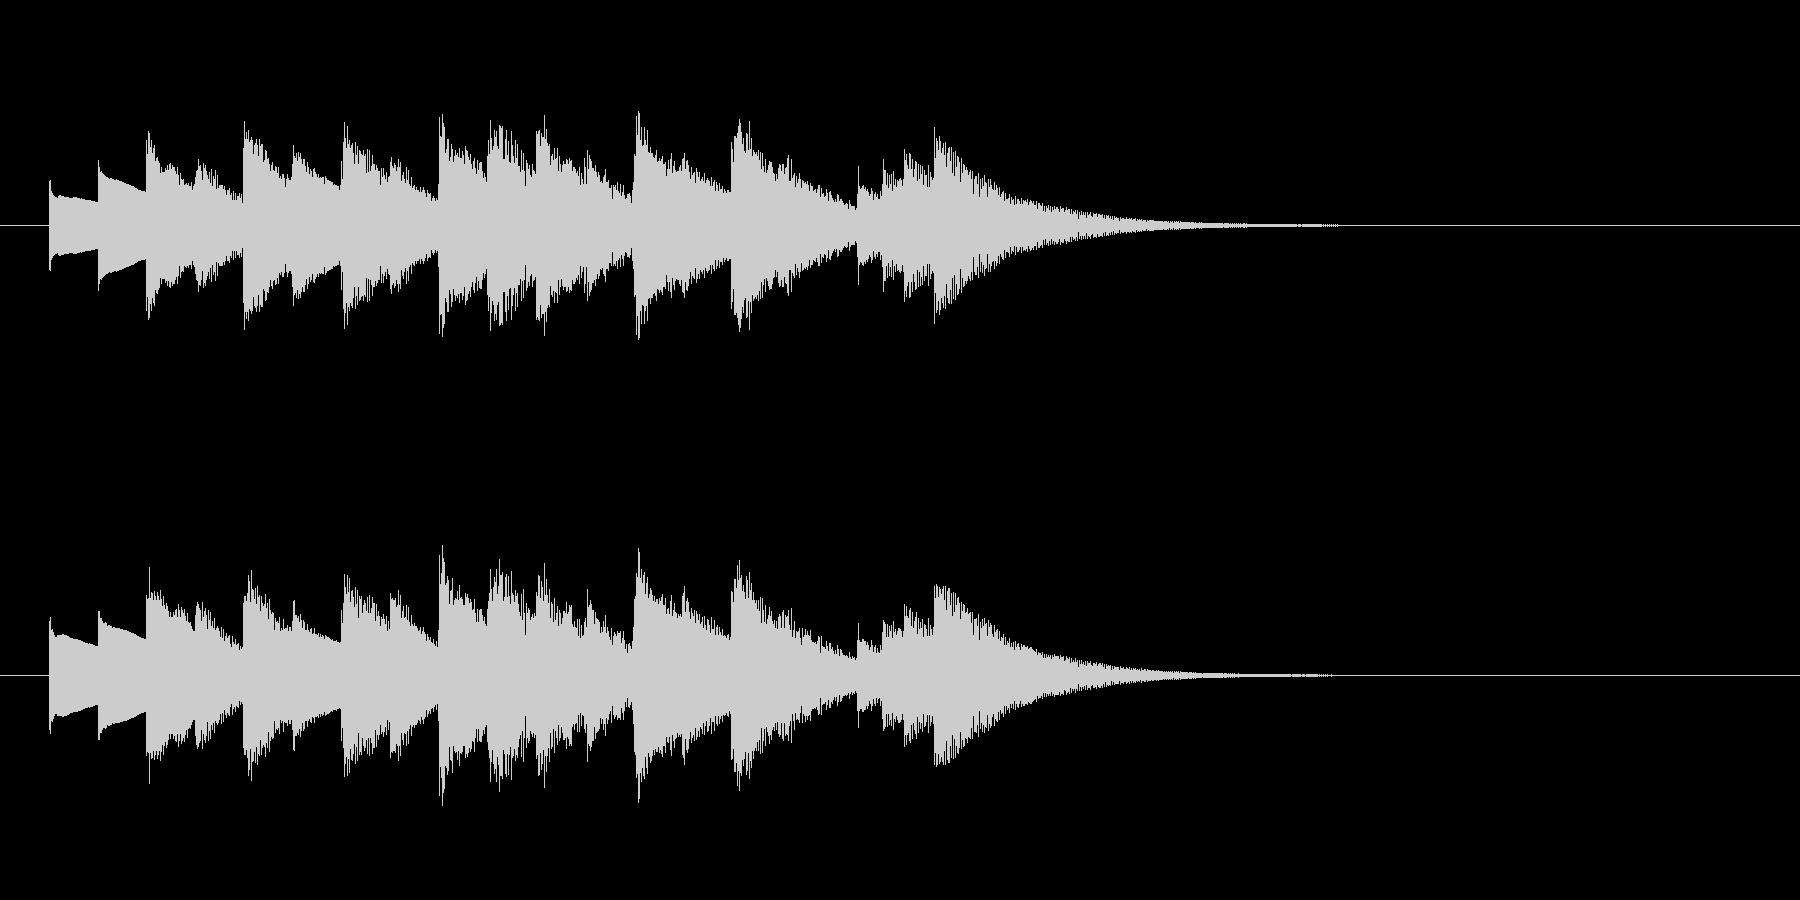 きらっと切ない系オルゴールジングル・短調の未再生の波形